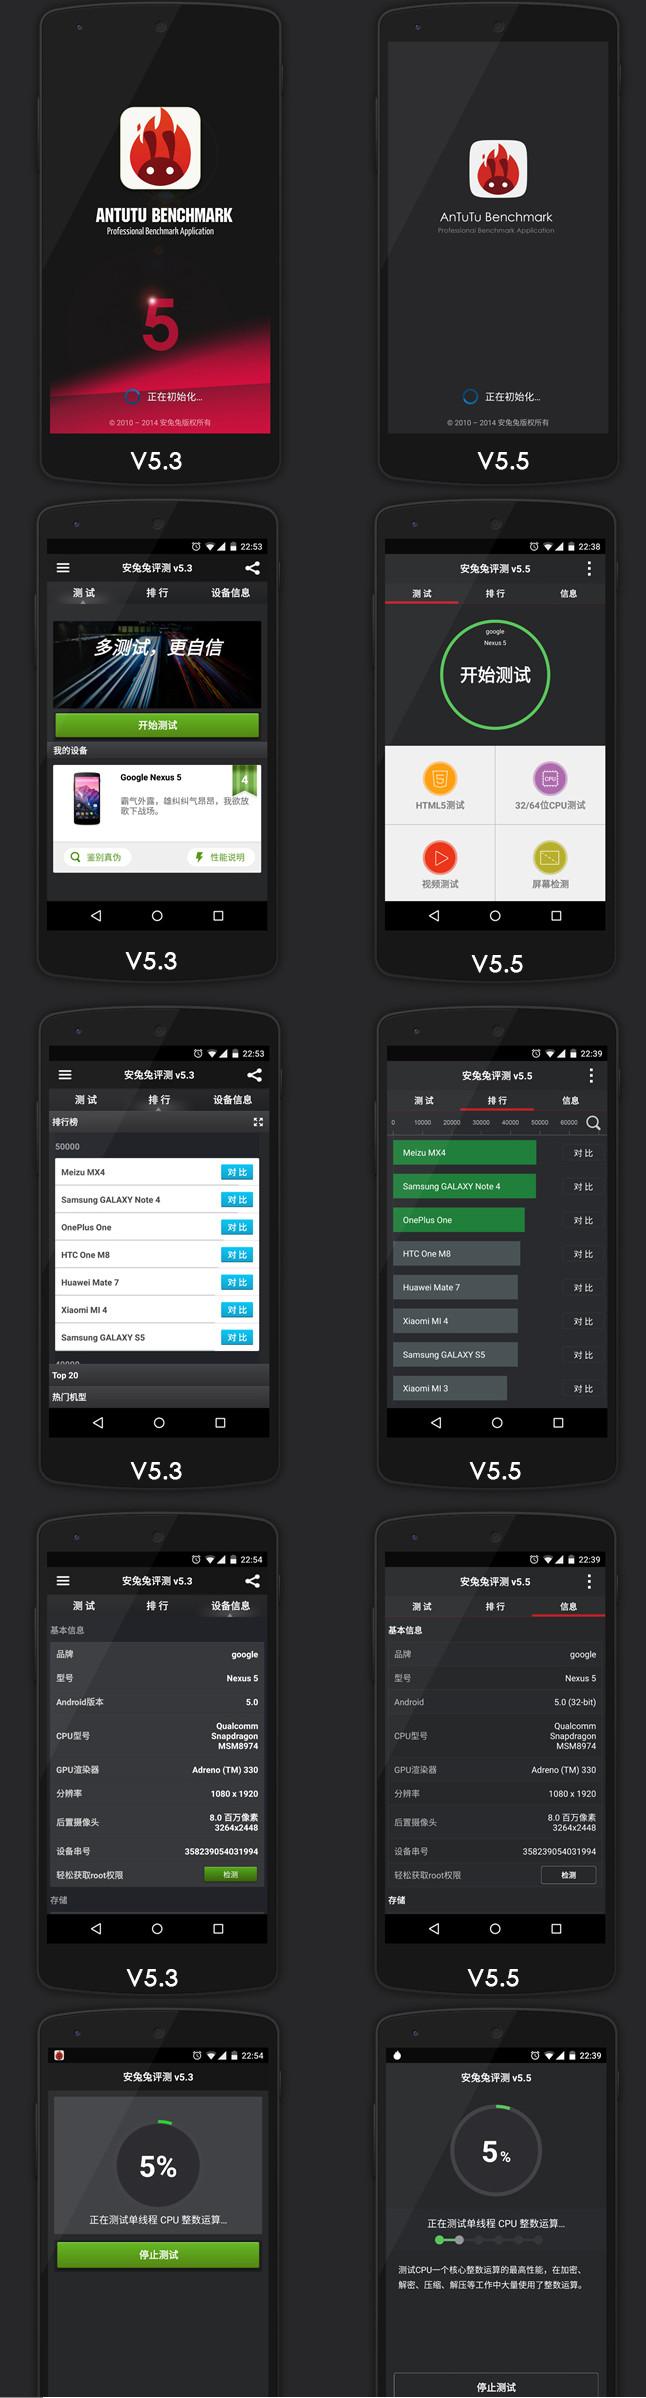 安兔兔下载 安兔兔评测v5.5官方下载 手机评测跑分软件的照片 - 2